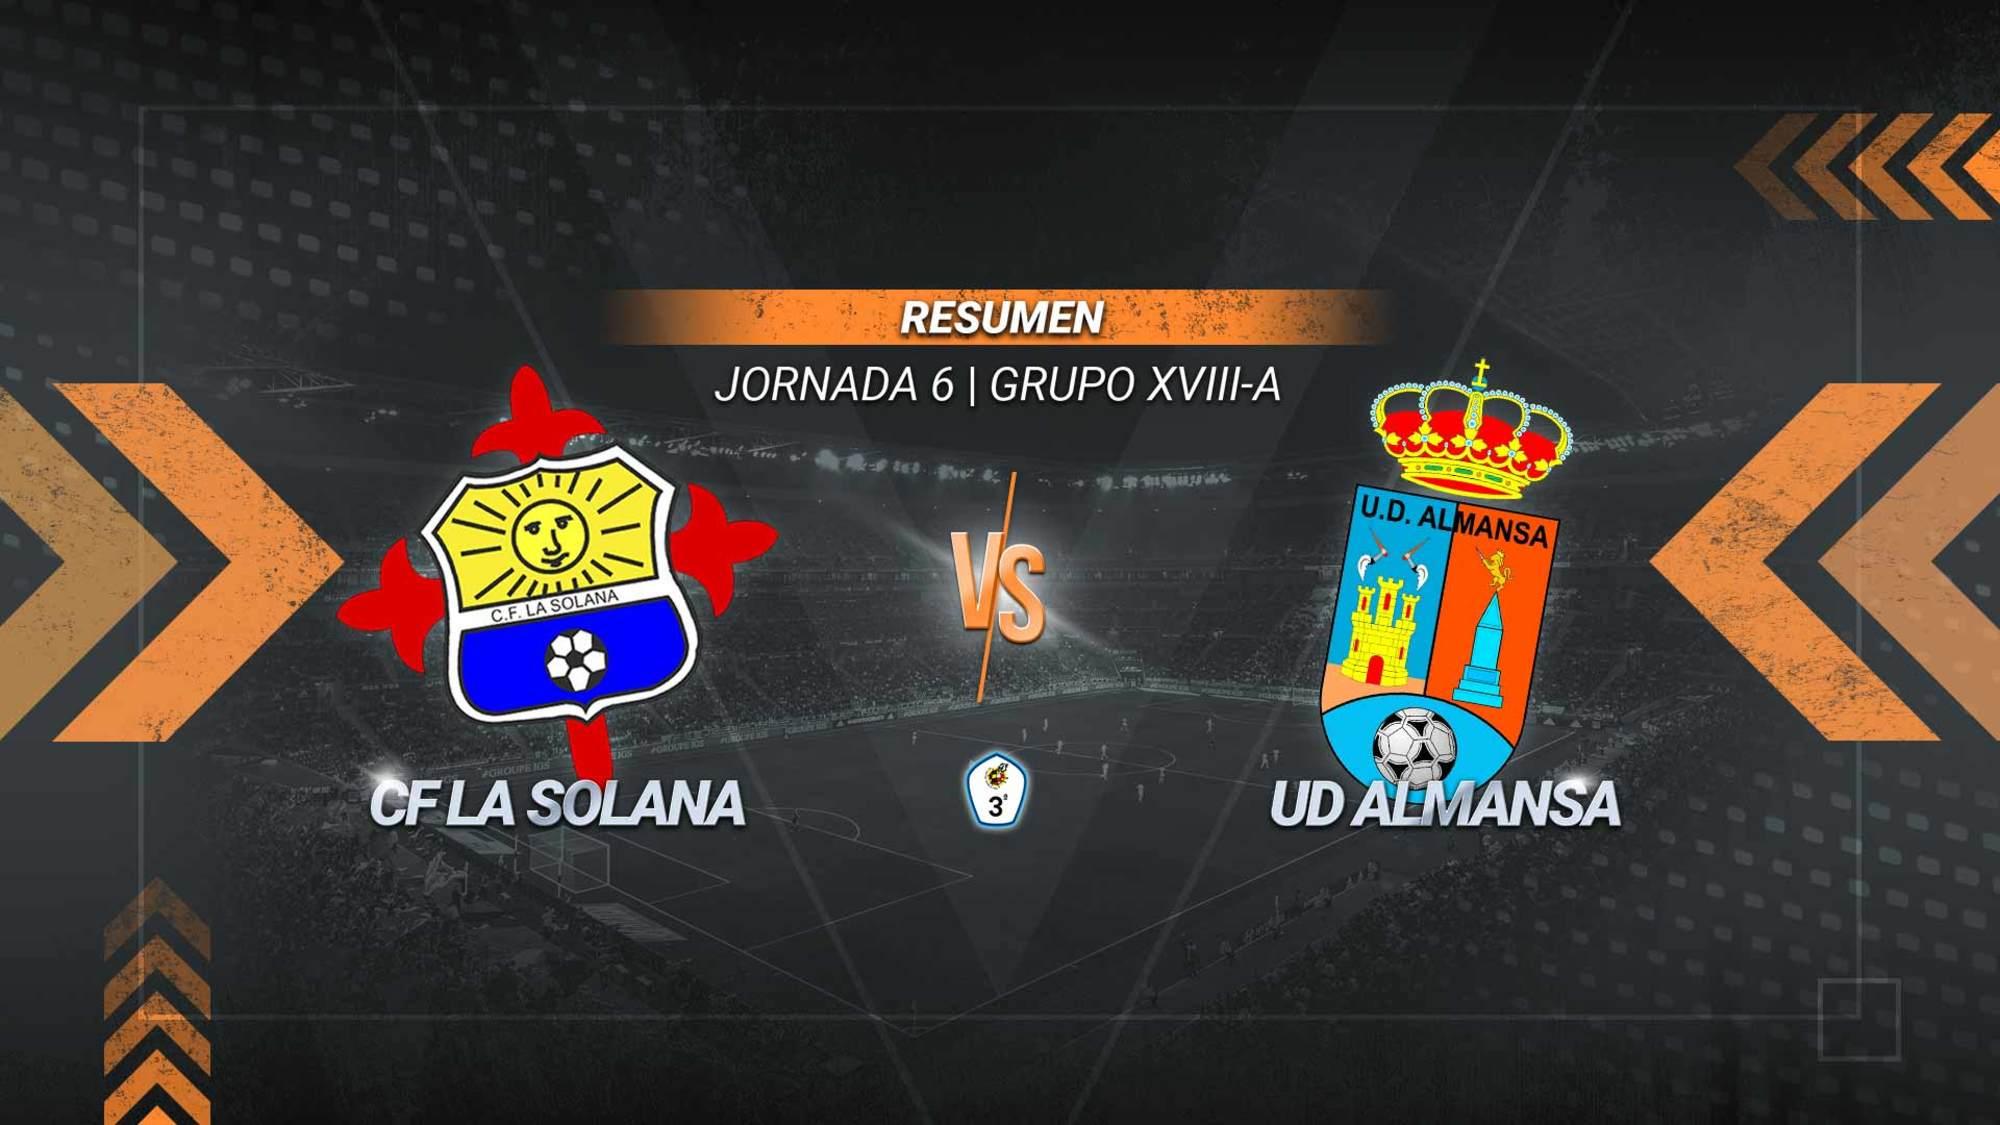 La Solana y Almansa se reparten los puntos en La Moheda. Luque adelantó a los locales y Pascu logró el tanto del empate. En la primera parte Meshack falló un penalti para los de Pepe Berja, que acabó expulsado.